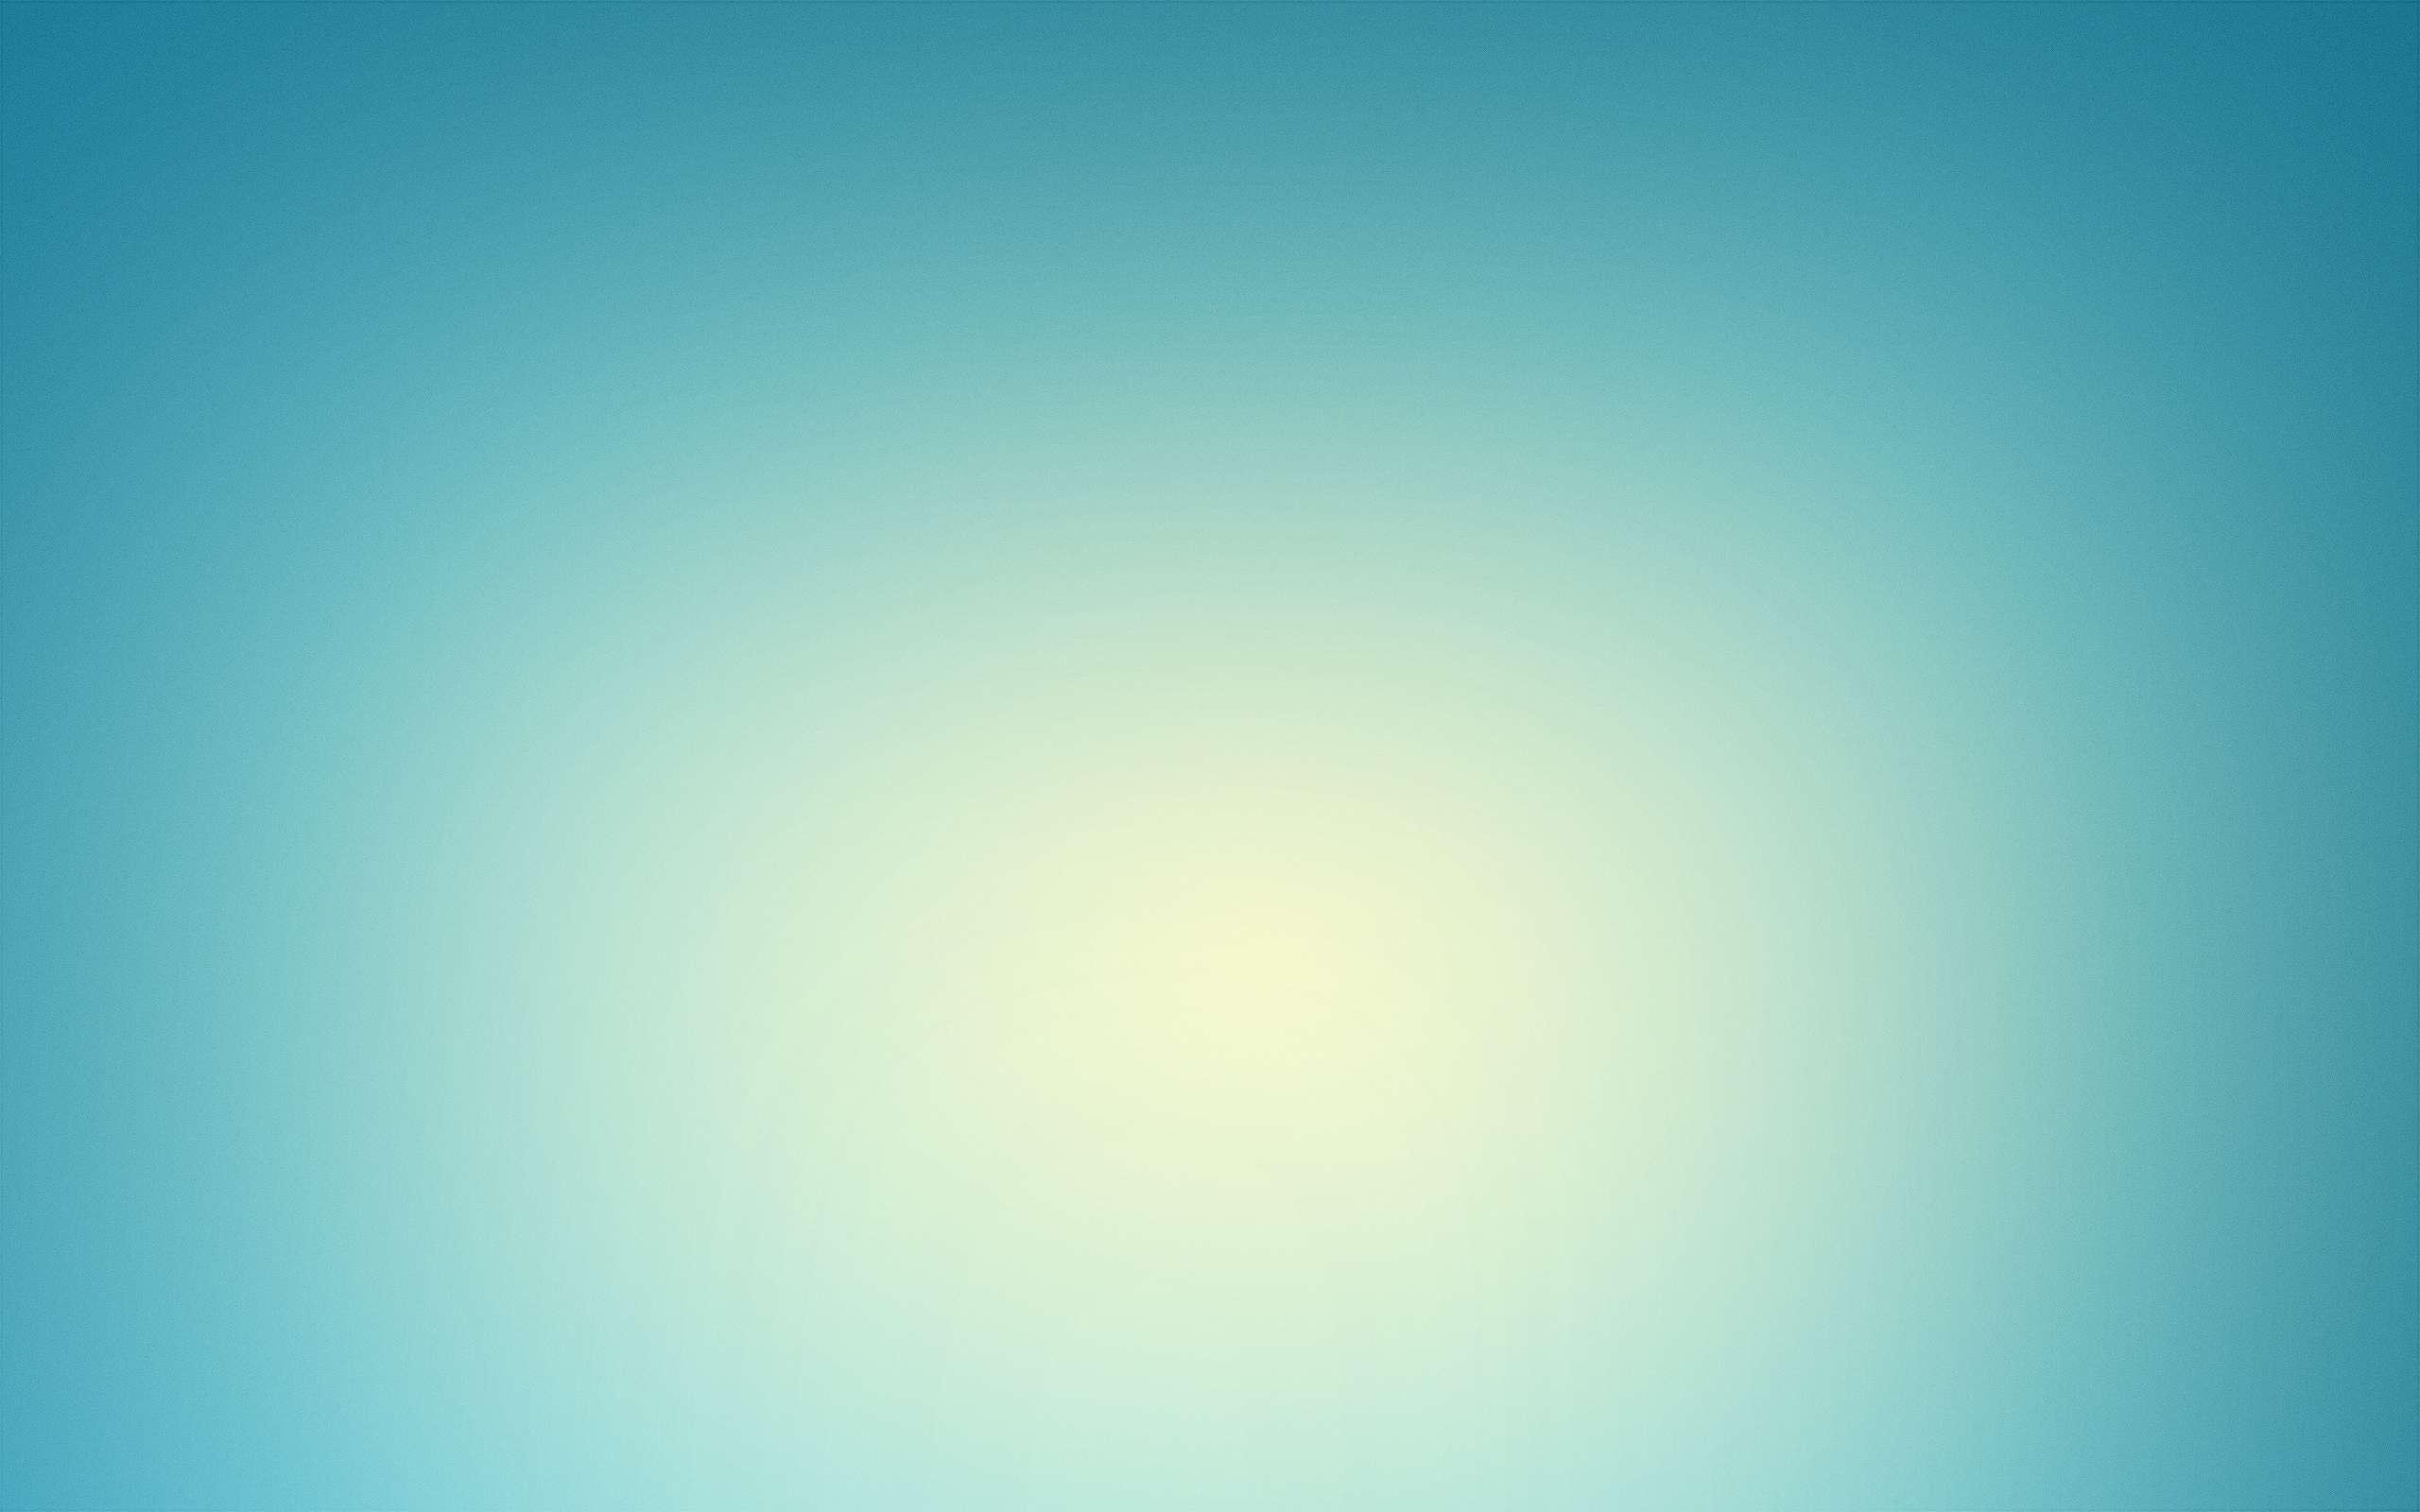 تصویر زمینه آبی و سفید گنجینه تصاویر تبيان